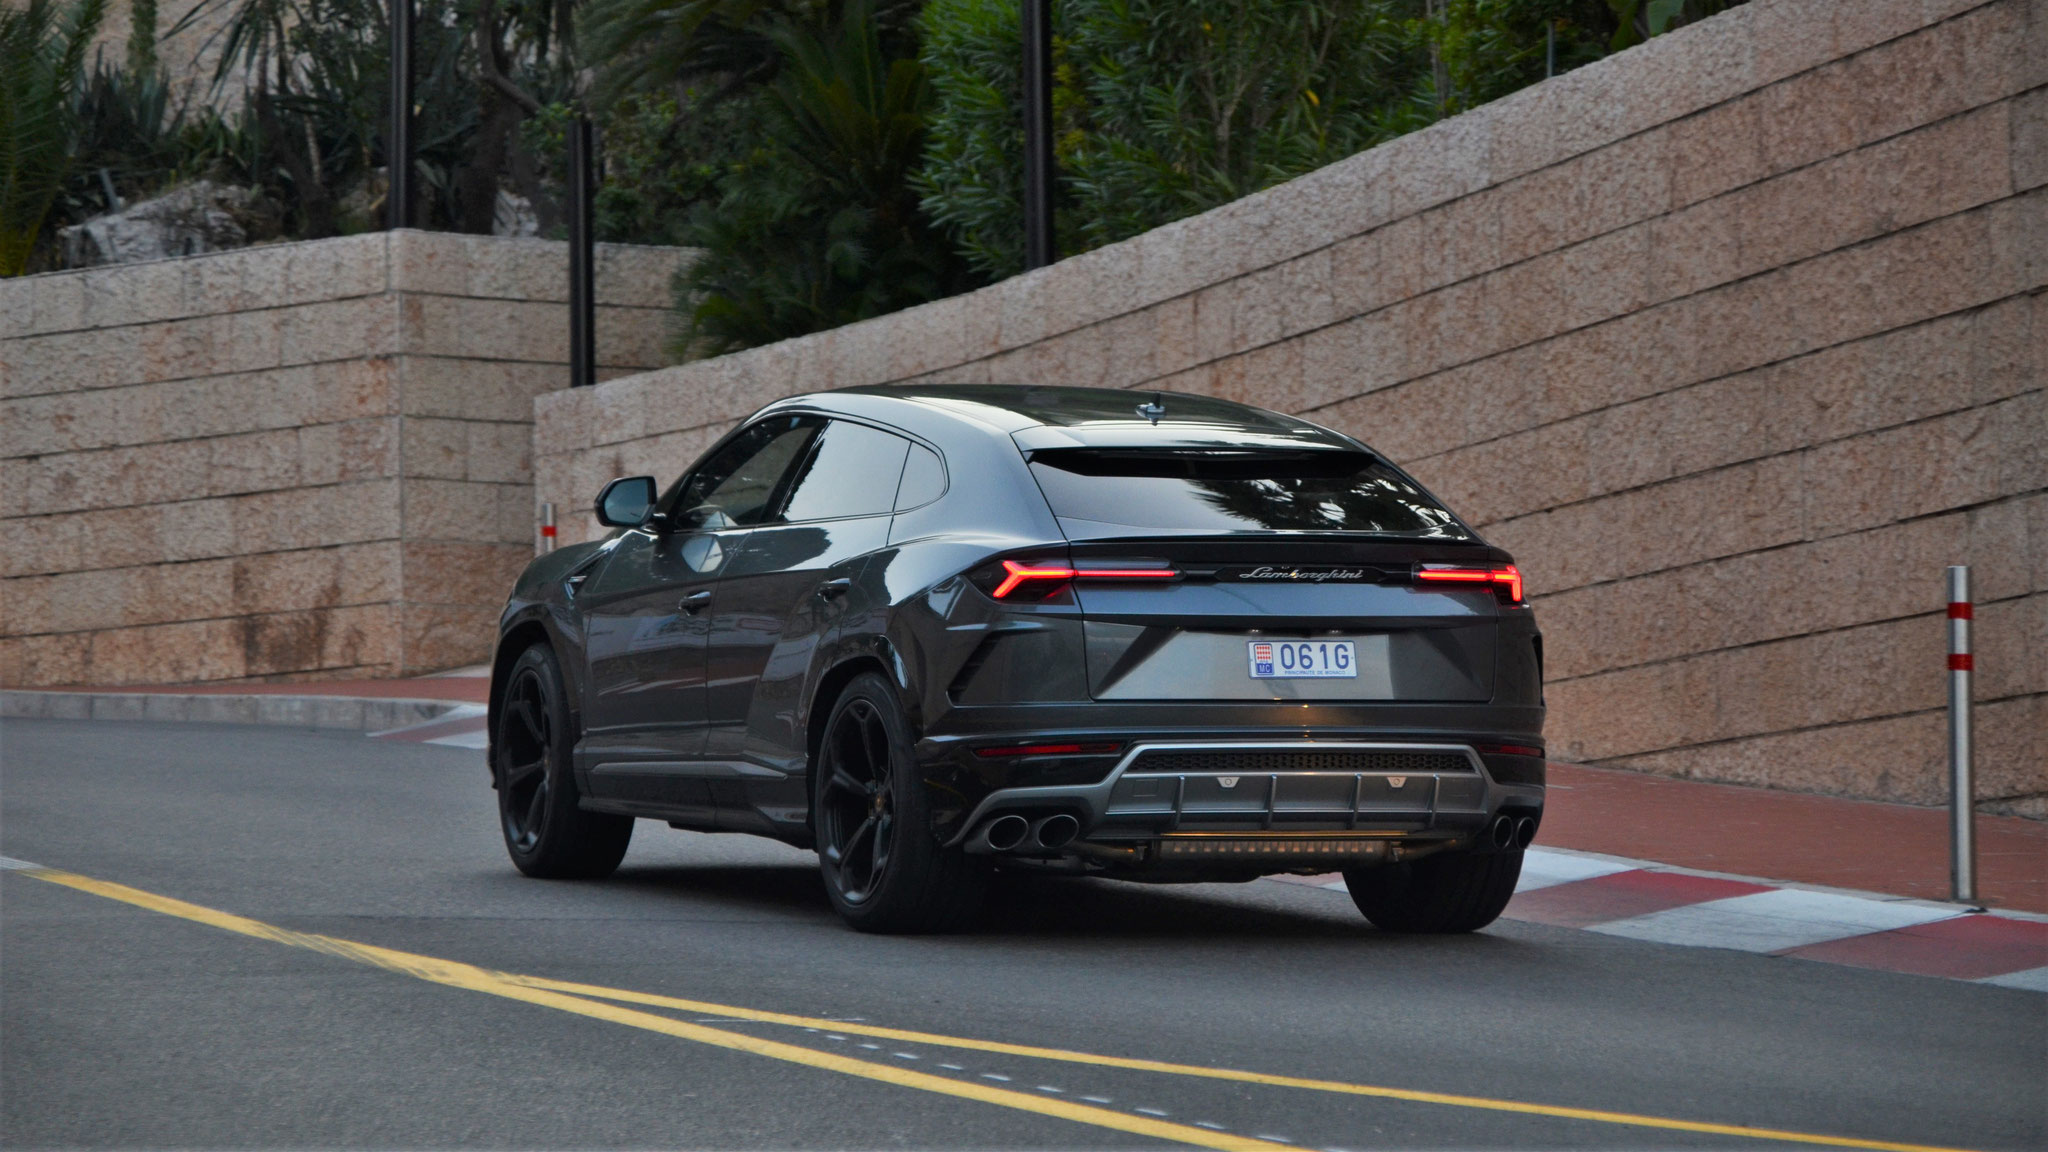 Lamborghini Urus - 061G (MC)